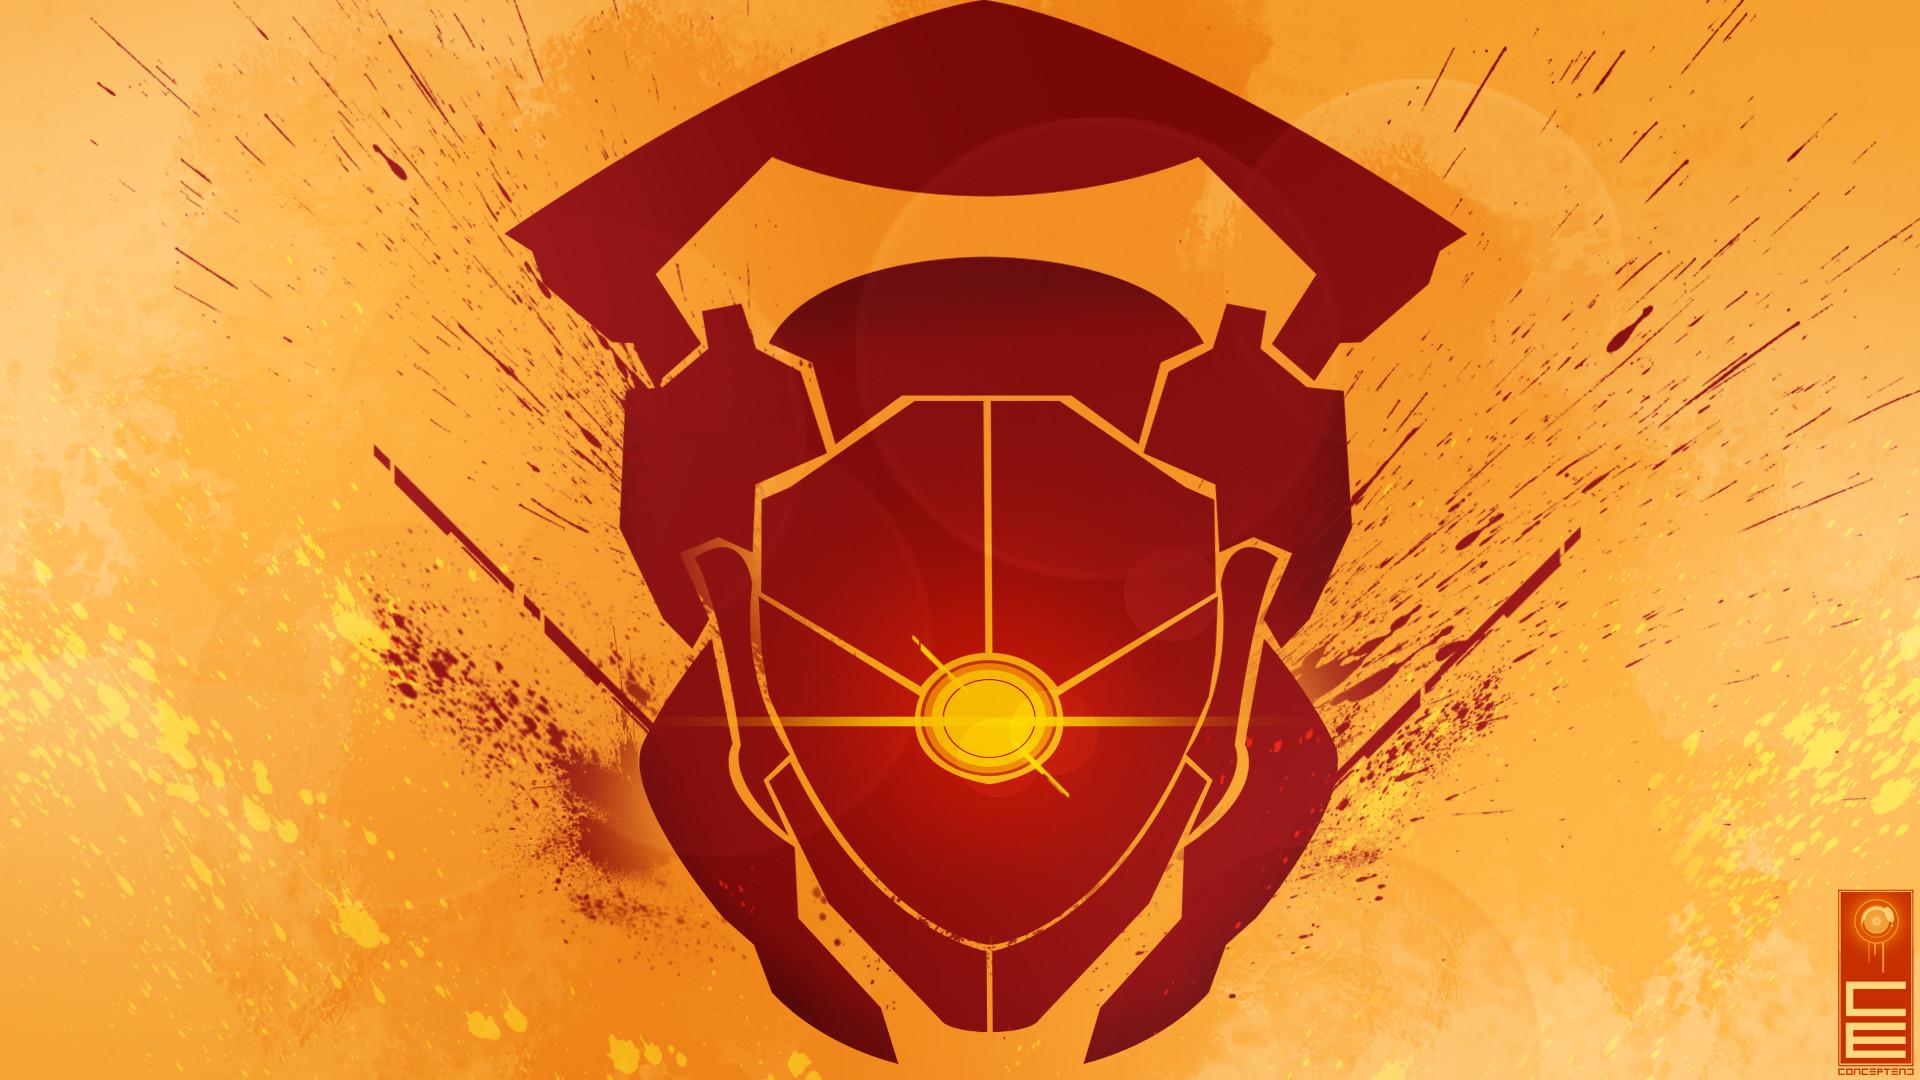 <b>Destiny</b> Titan <b>Wallpaper</b